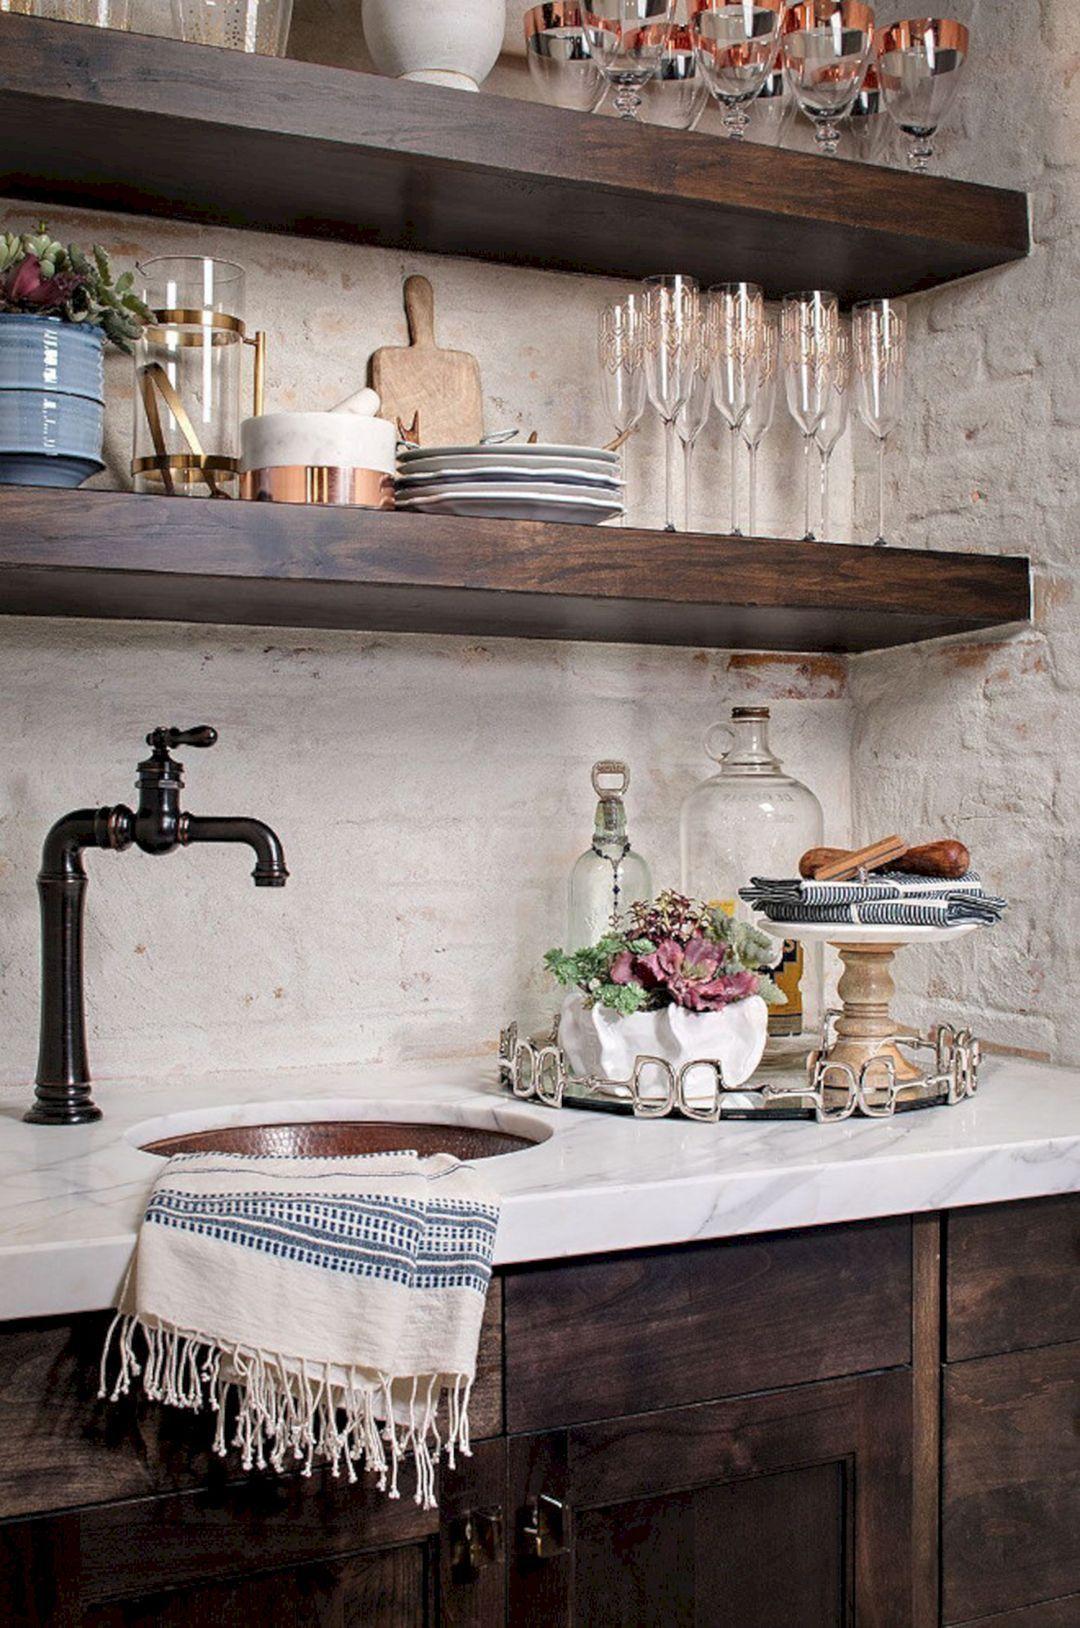 Awesome farmhouse kitchen design ideas butler pantry